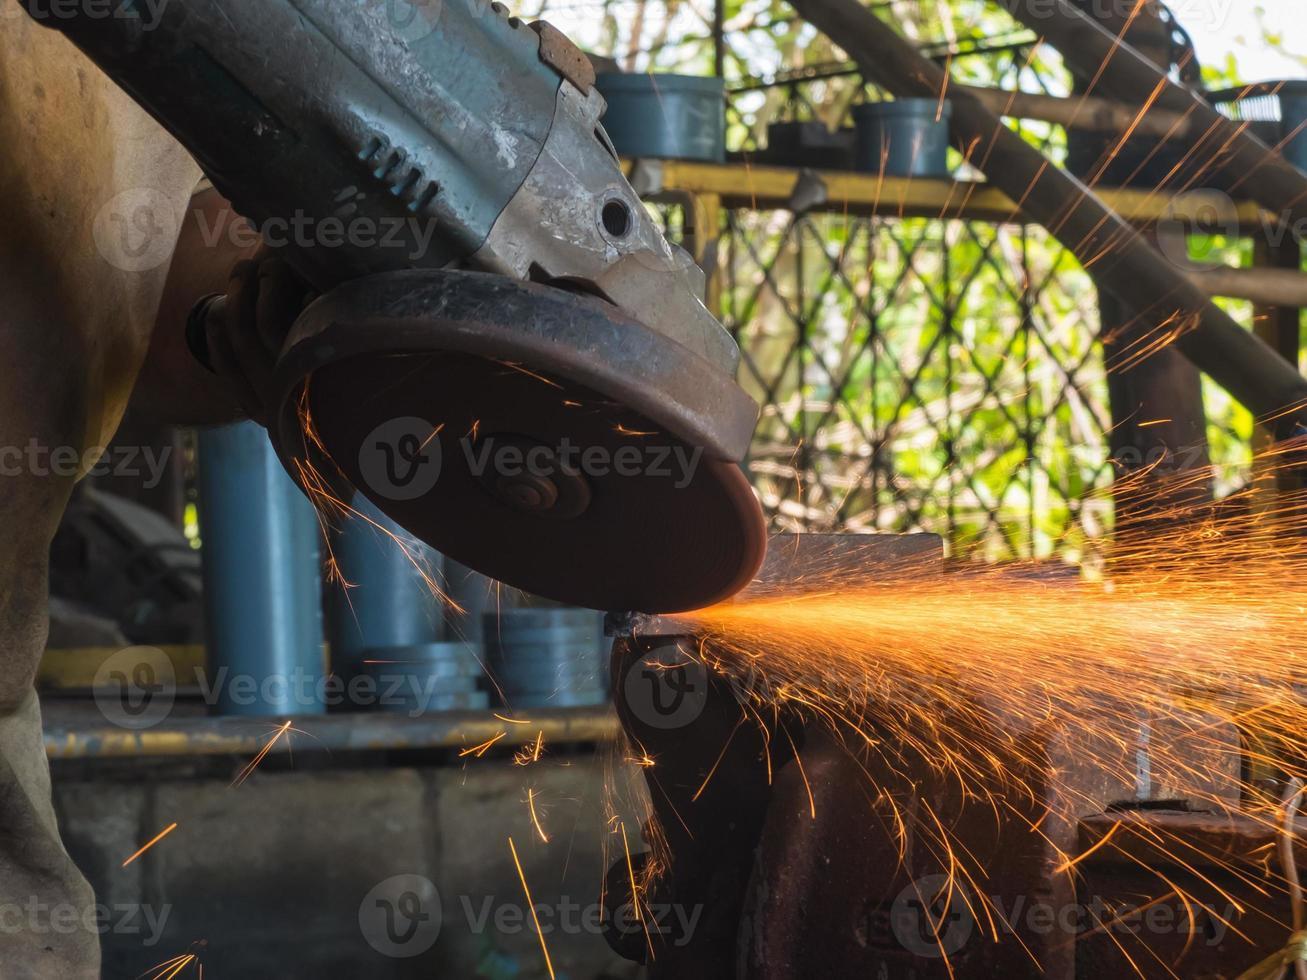 Schleifmaschine Handspinnen mit Feuerlinie foto